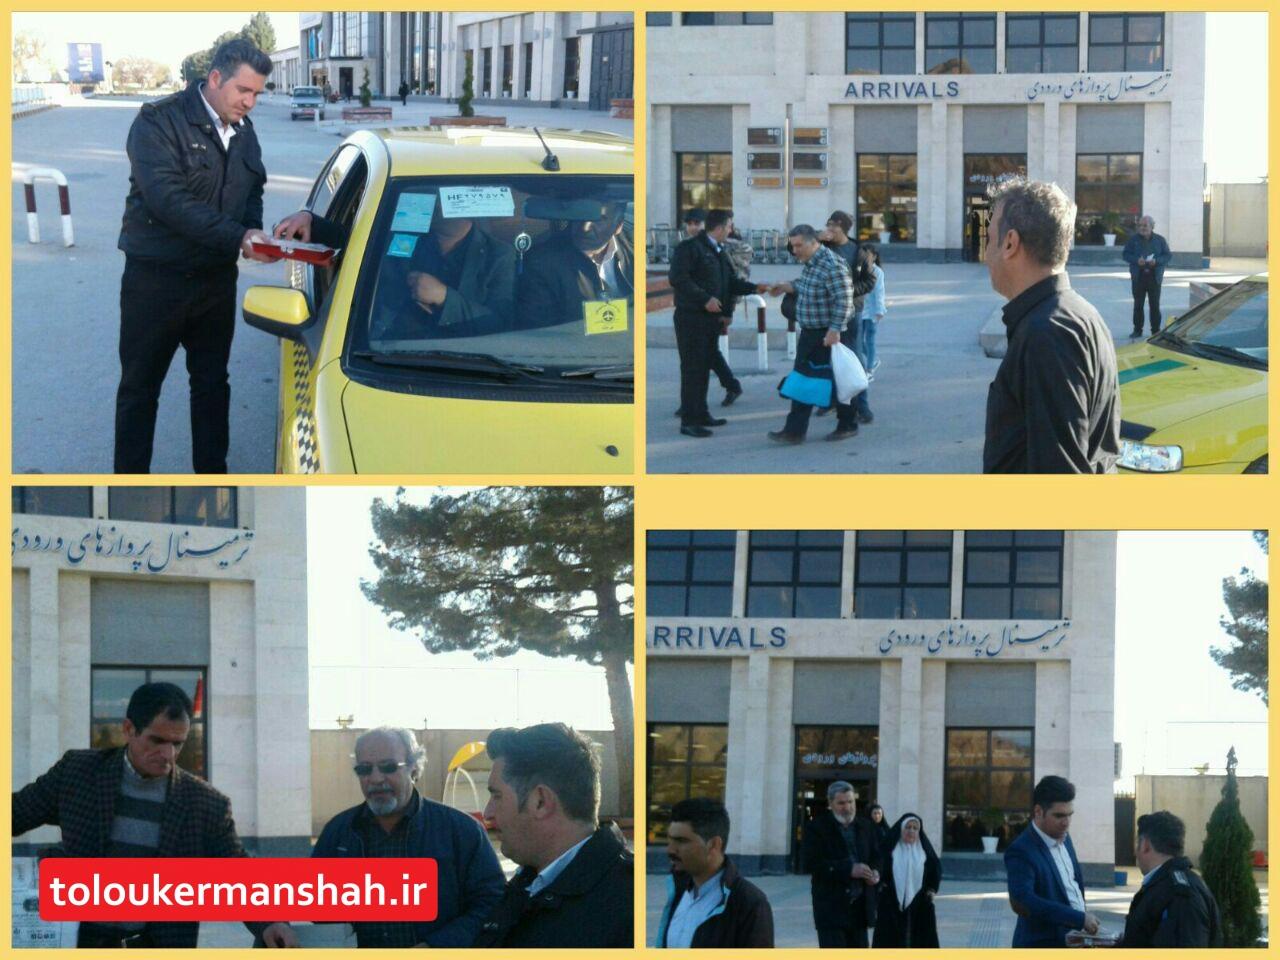 استقبال مطلوب سازمان تاکسیرانی از مهمانان نوروزی